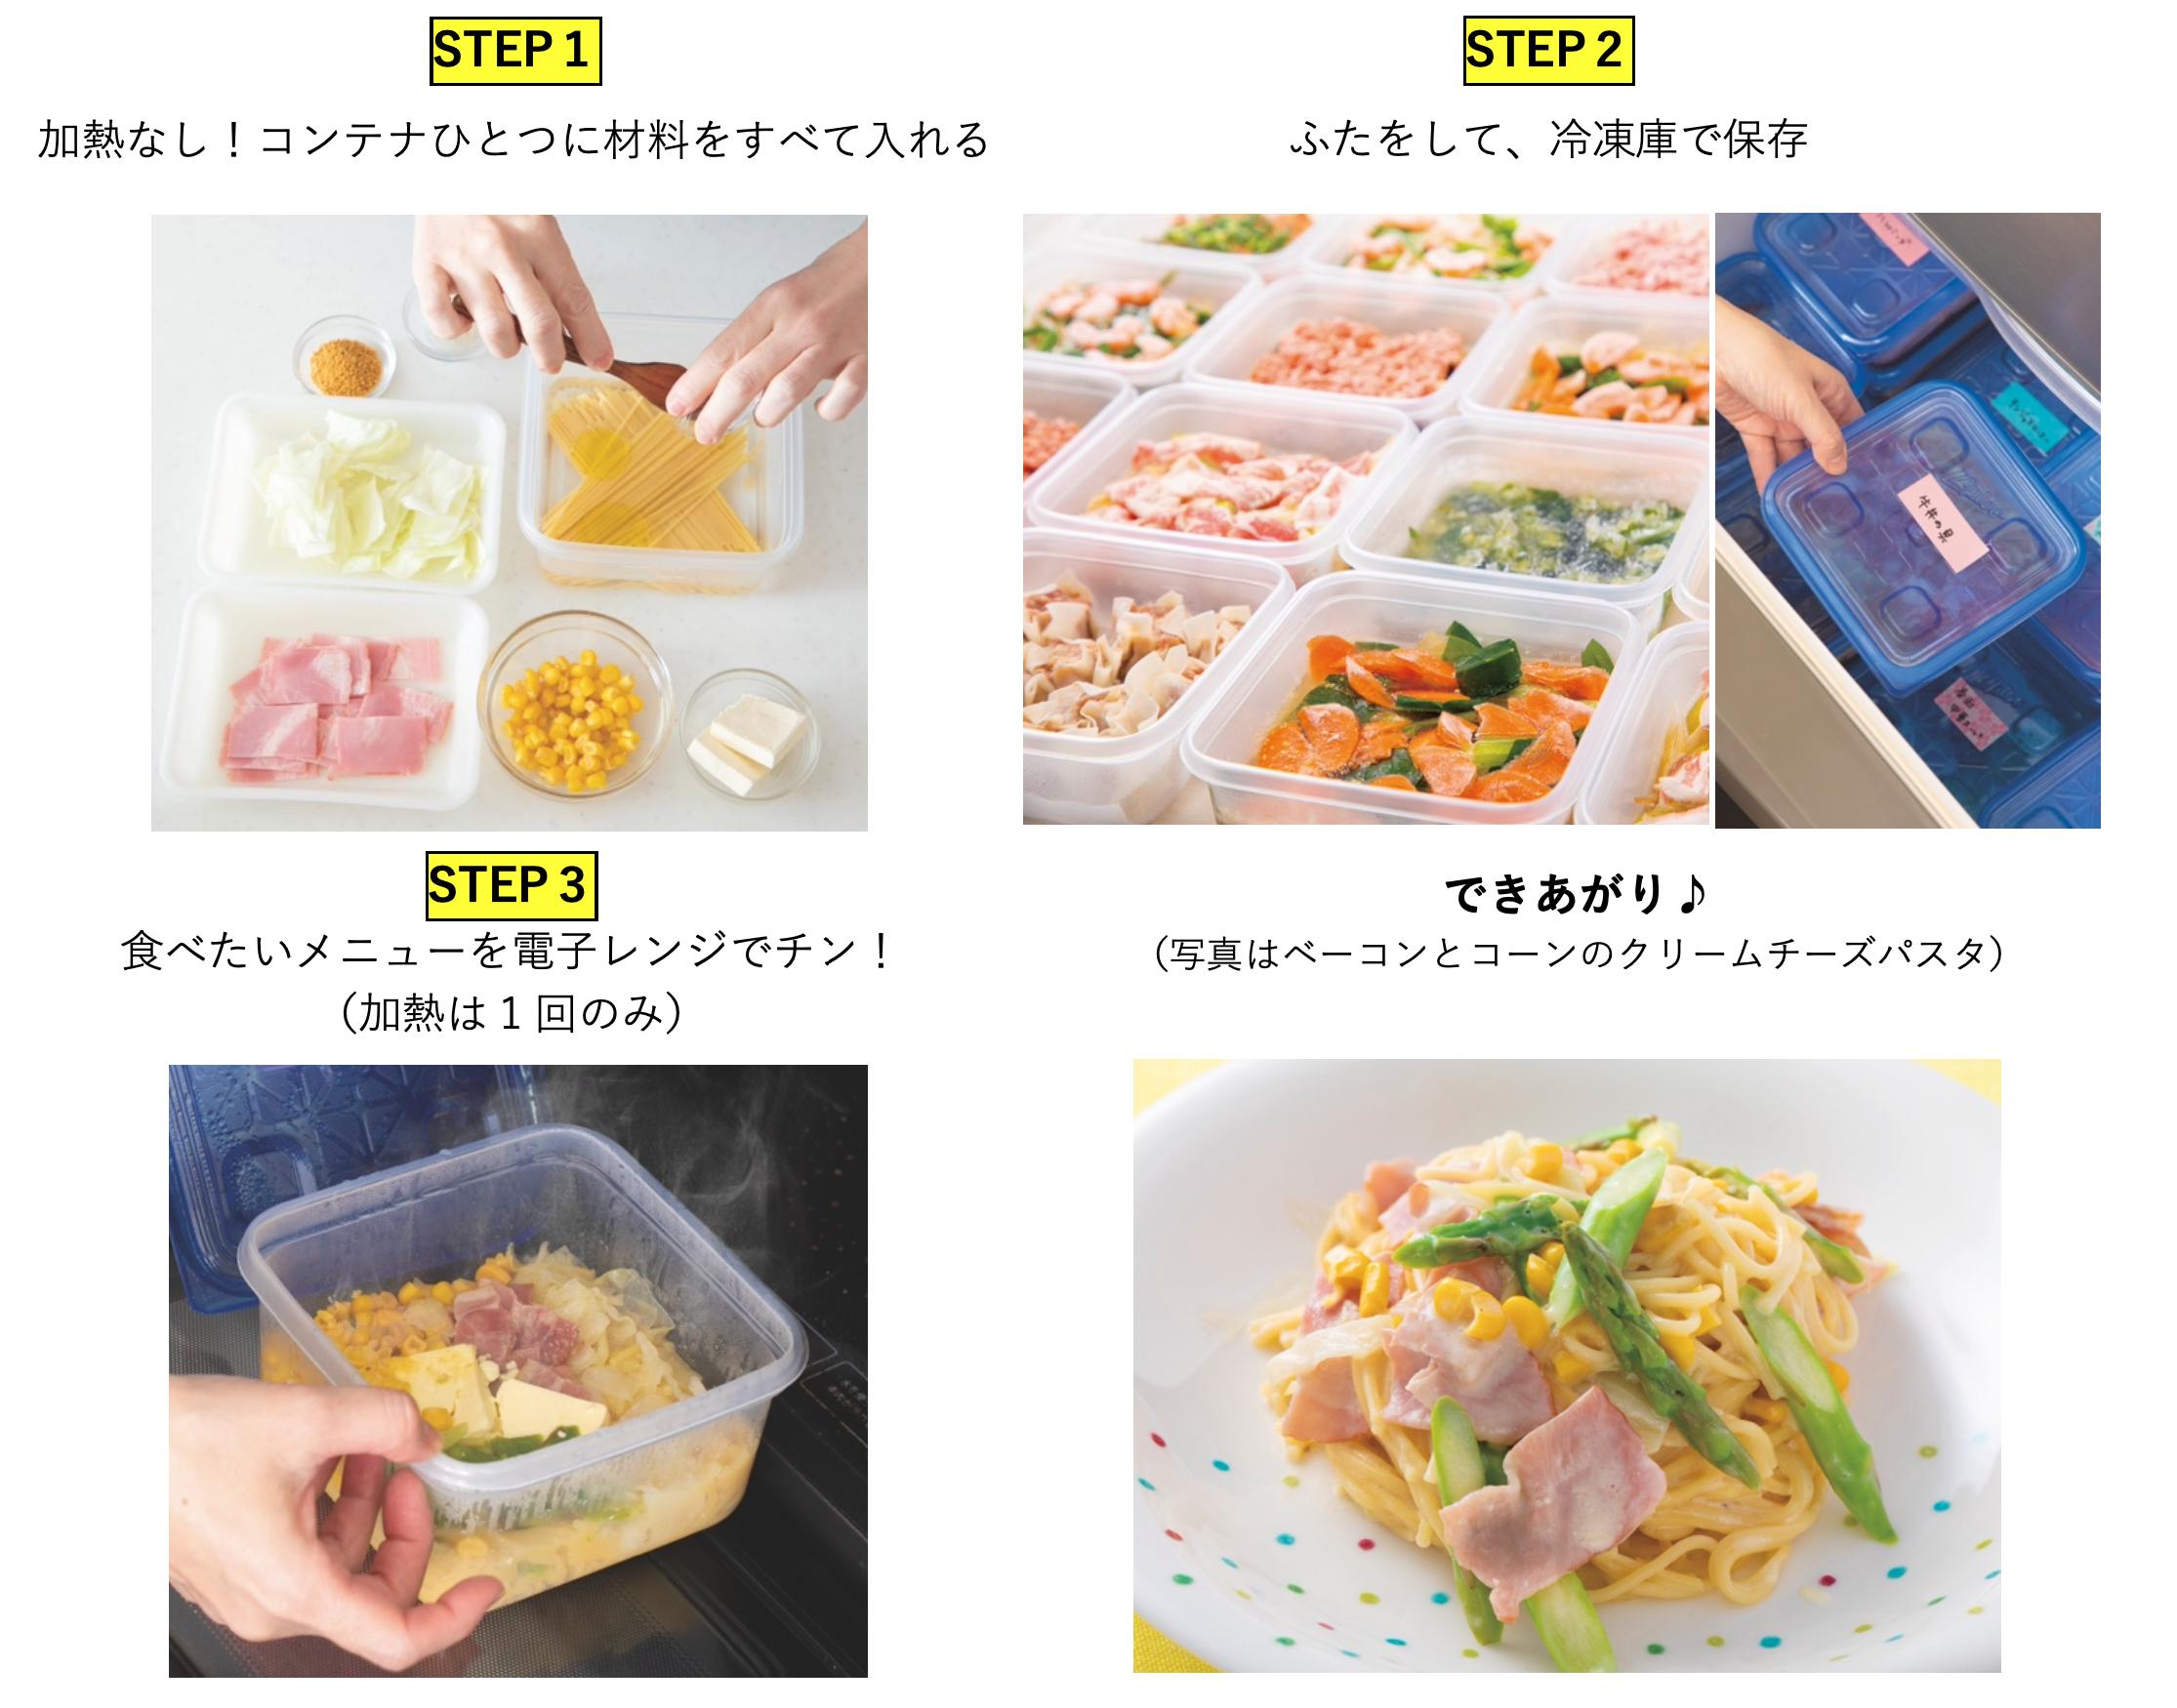 ごはん レシピ コンテナ 冷凍